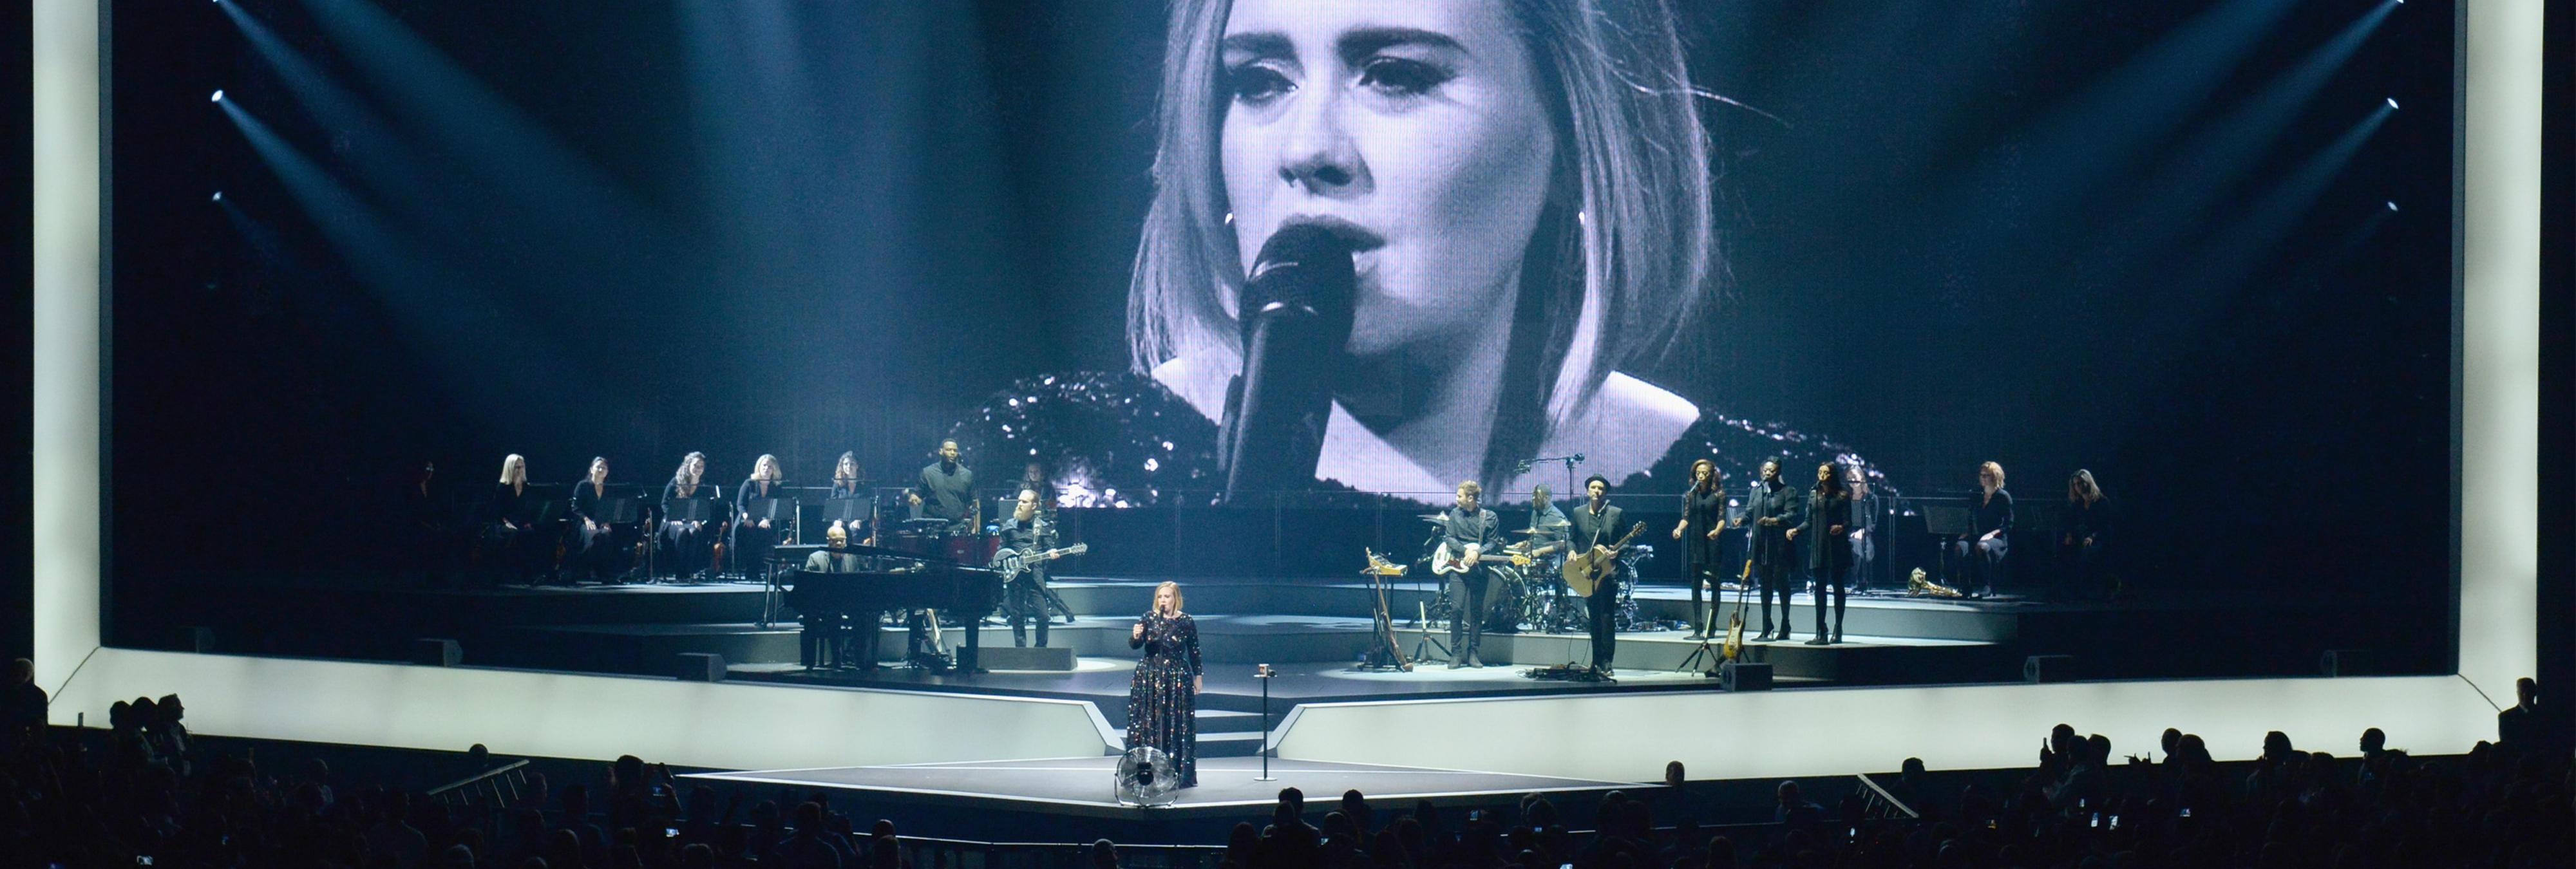 Te queremos, Adele: 8 razones por las que nunca debe abandonar la música